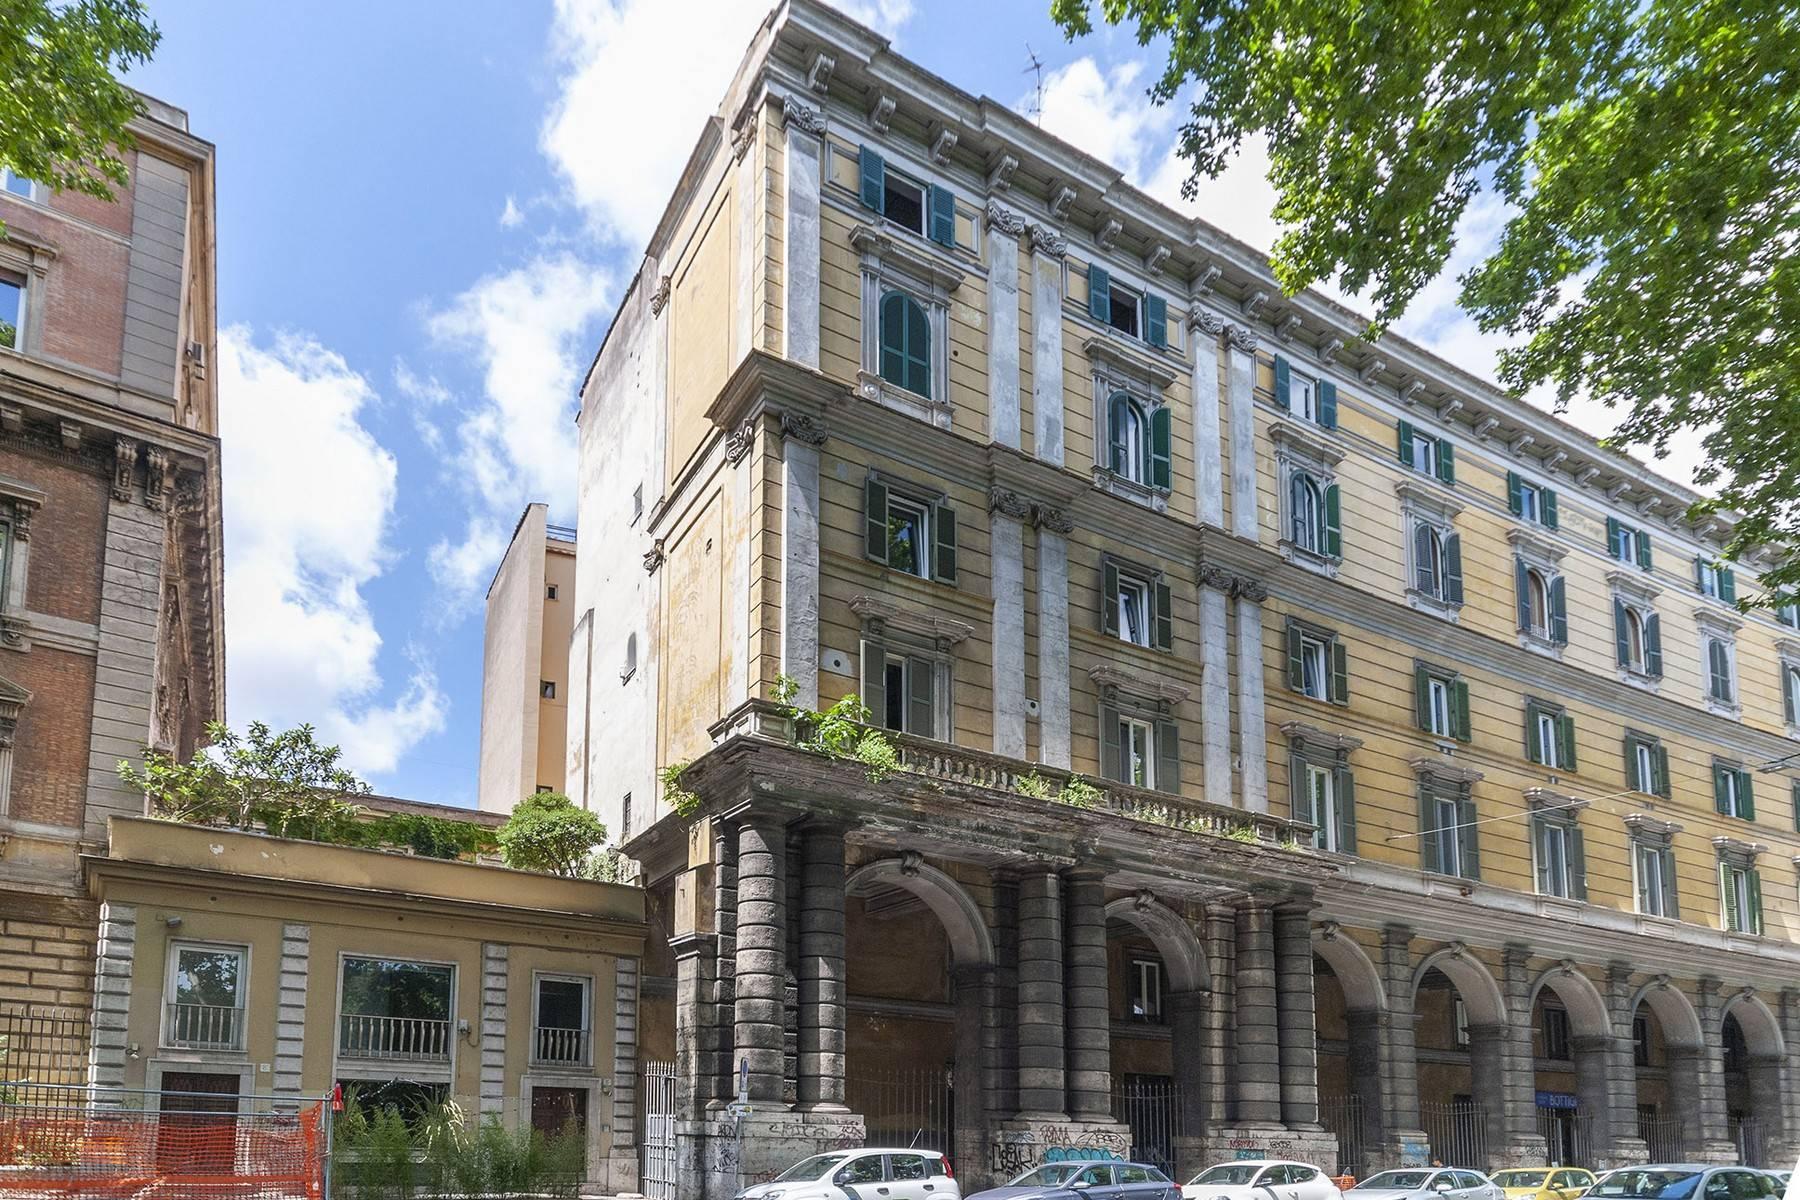 Appartamento in Vendita a Roma 28 Trastevere / Testaccio: 5 locali, 136 mq